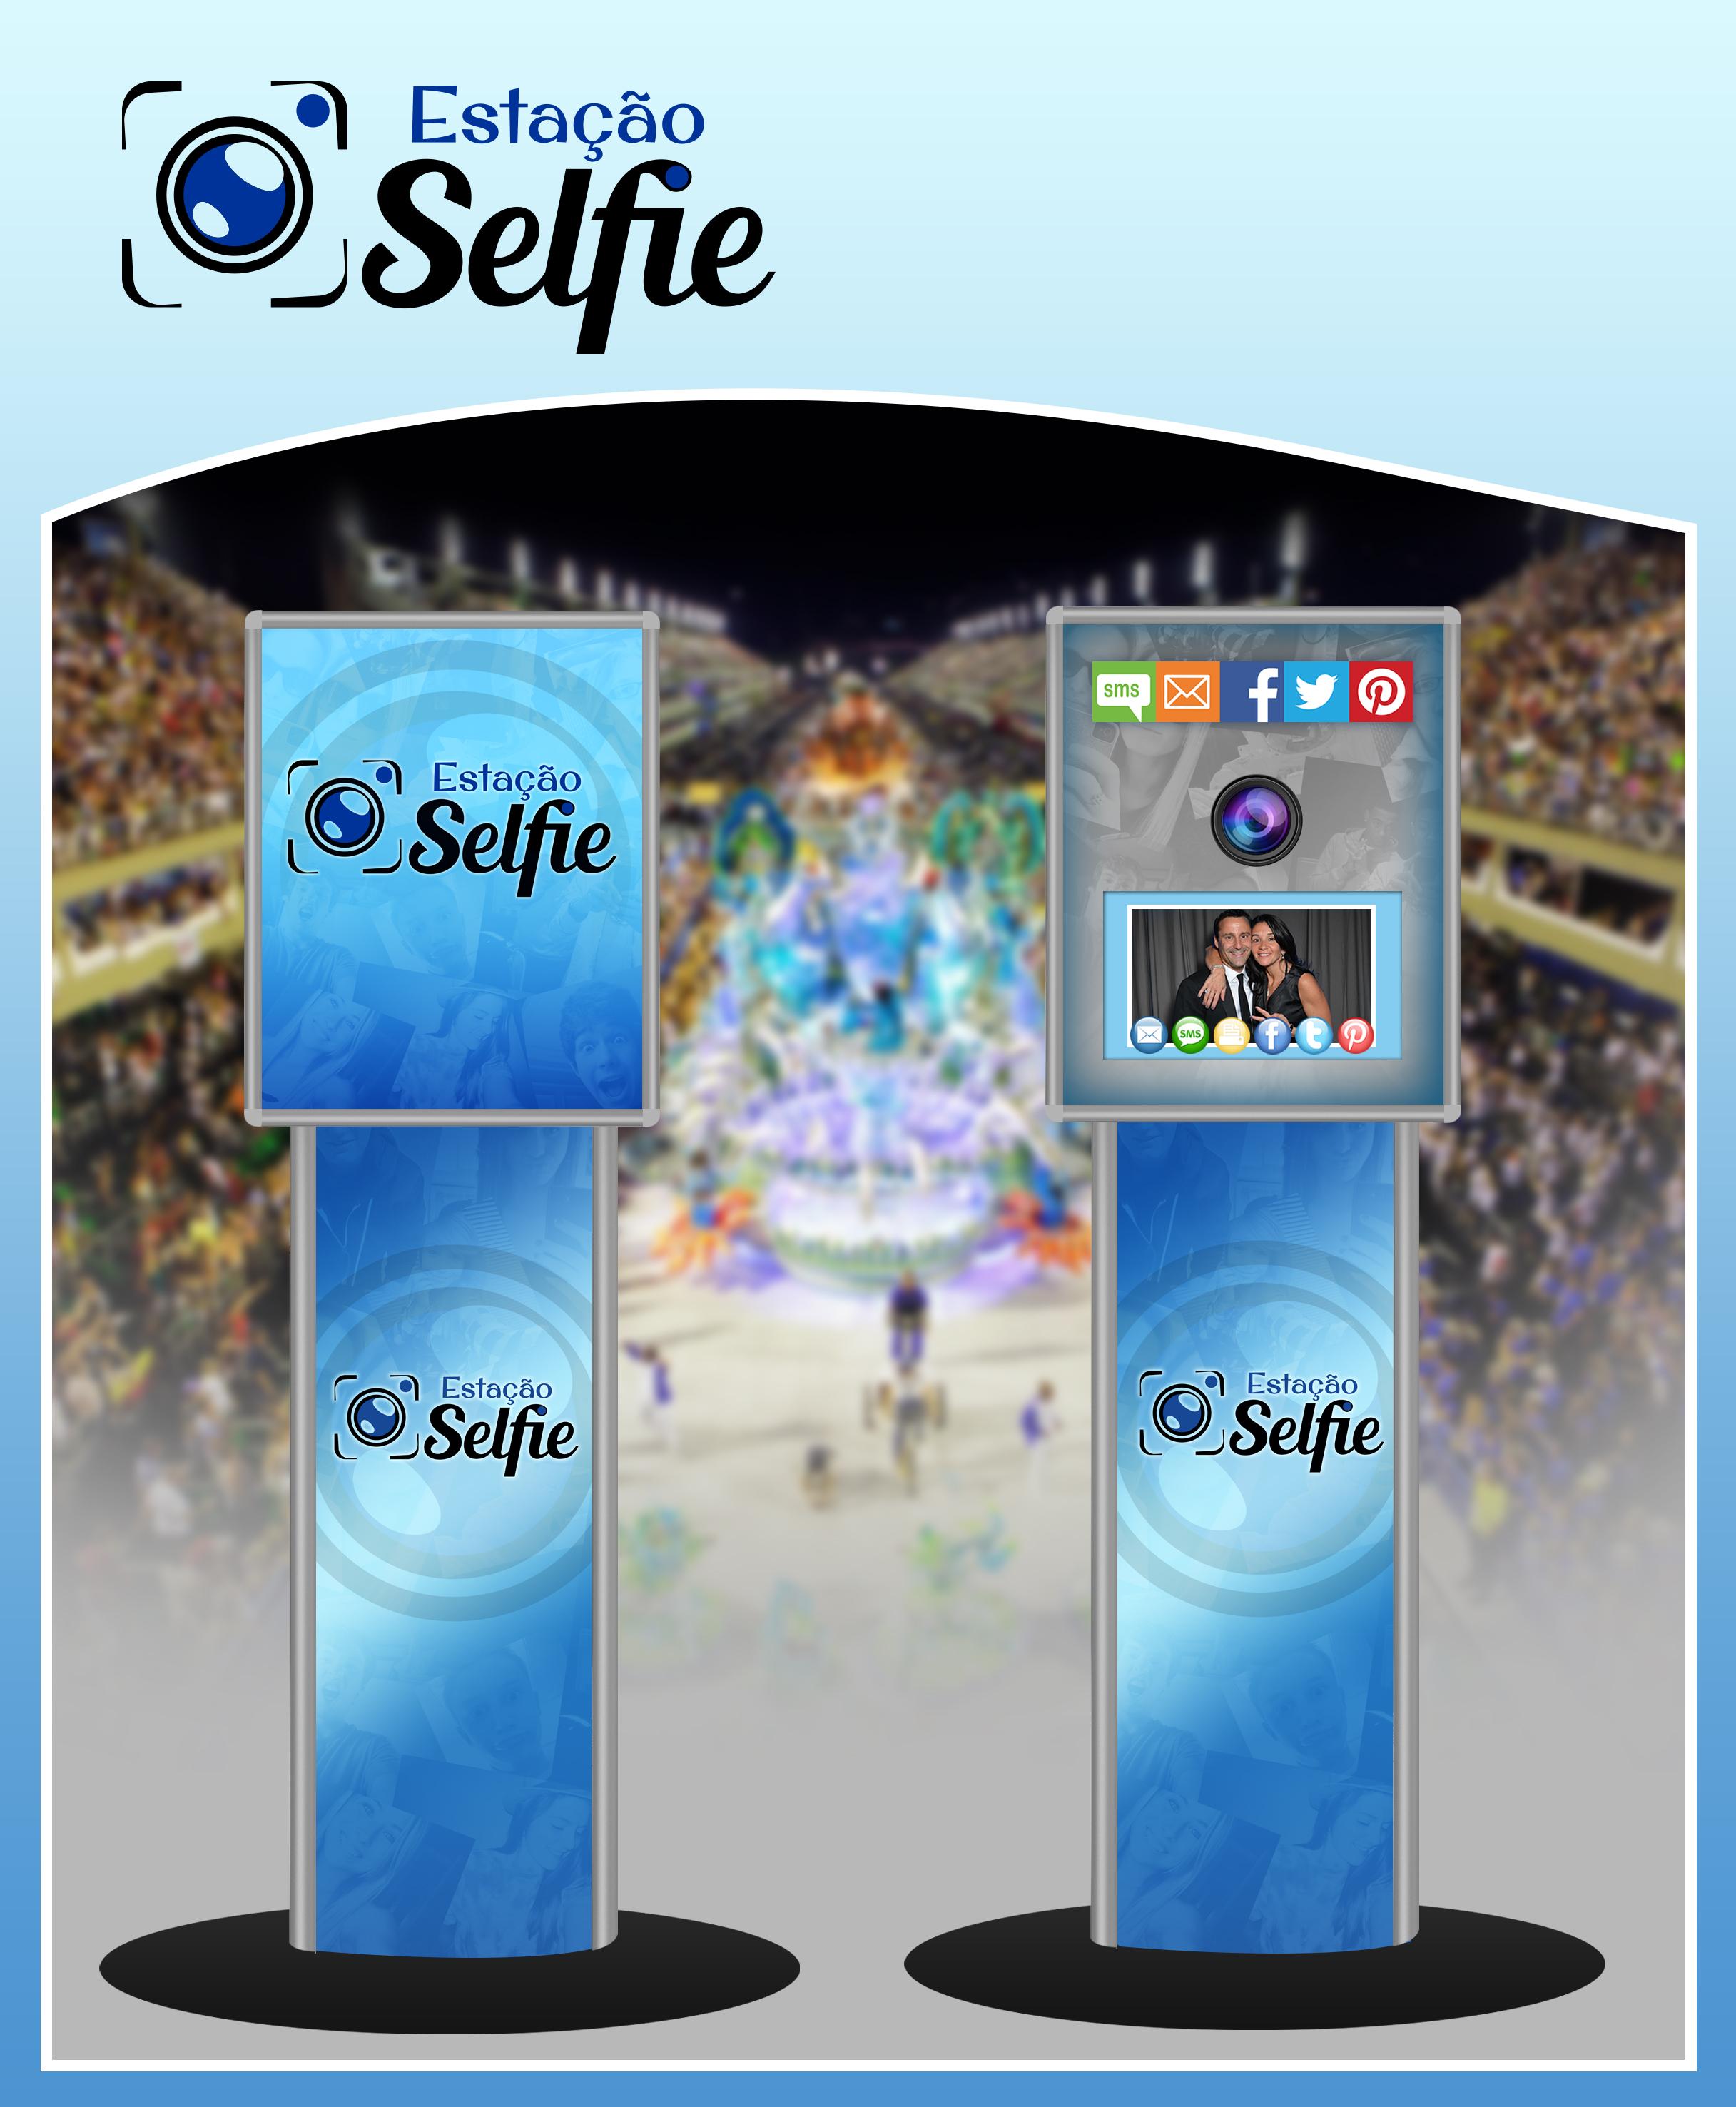 Estacao Selfie (1).jpg